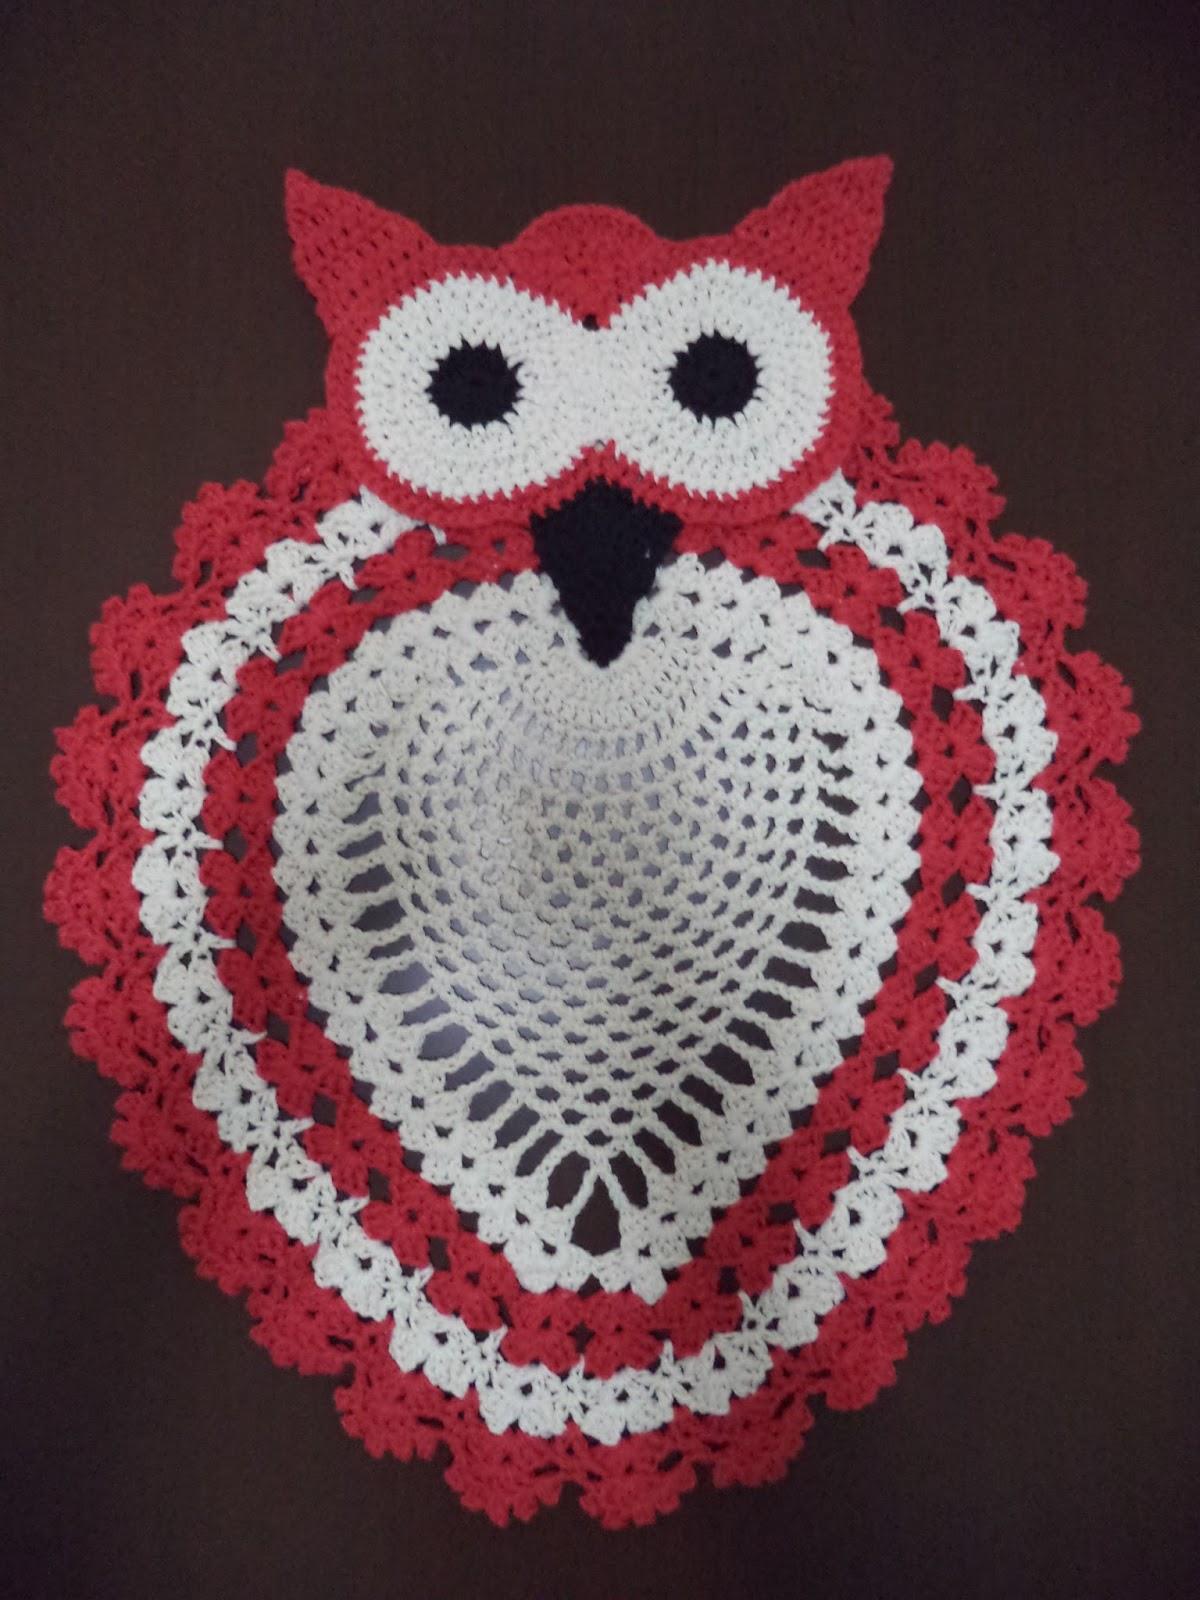 Coruja de crochê vermelha e branca